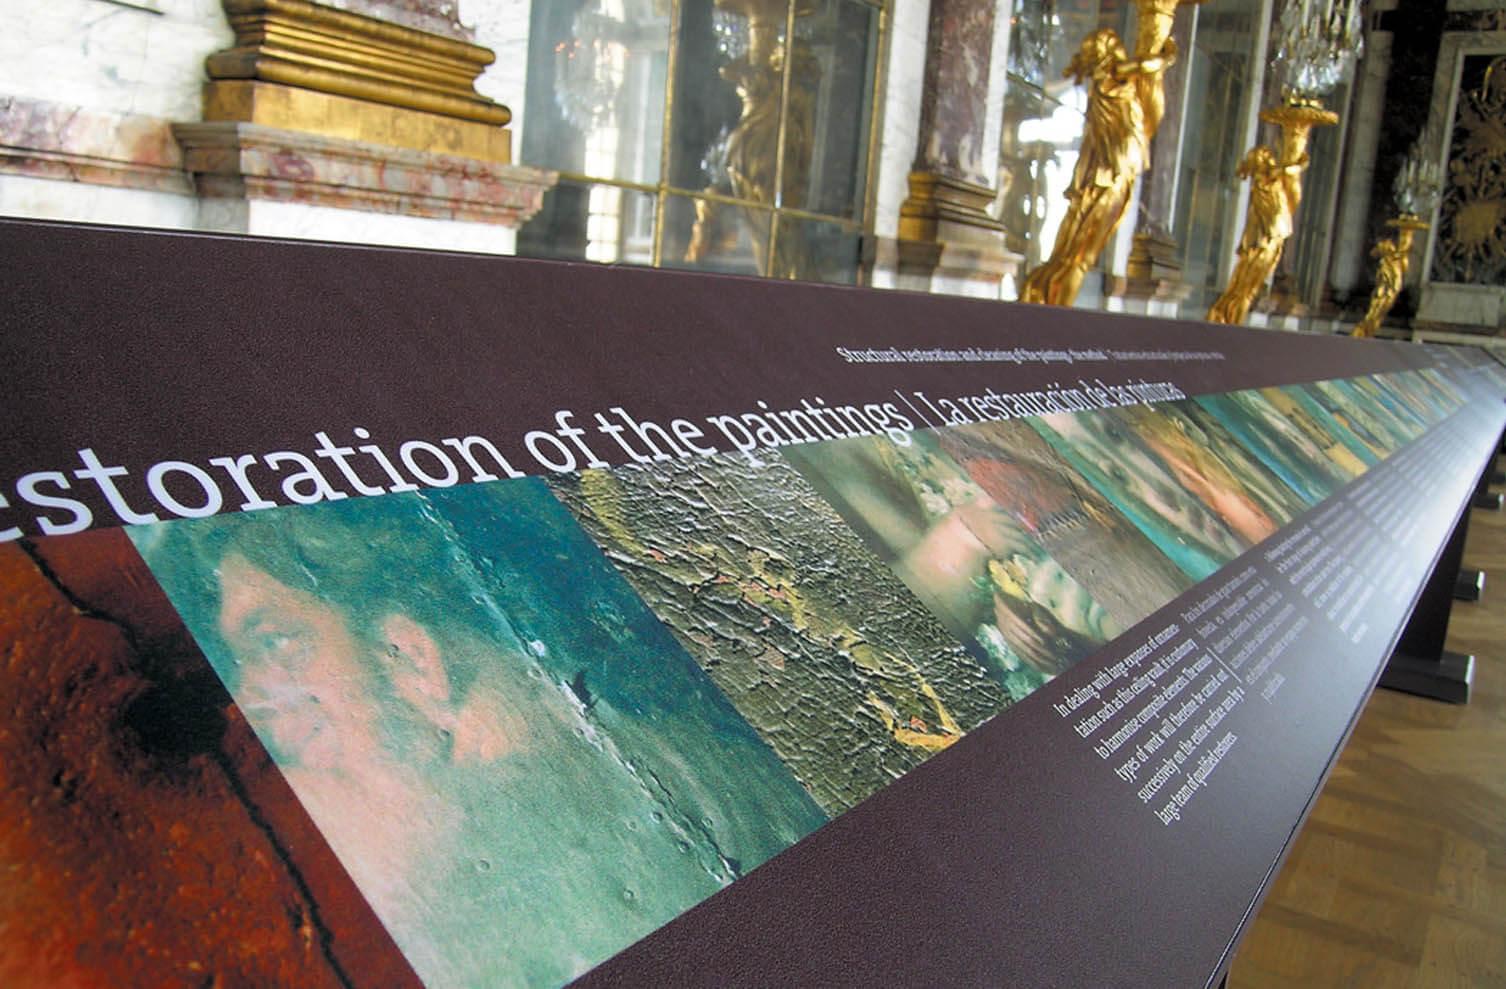 Image Galerie des Glaces 5